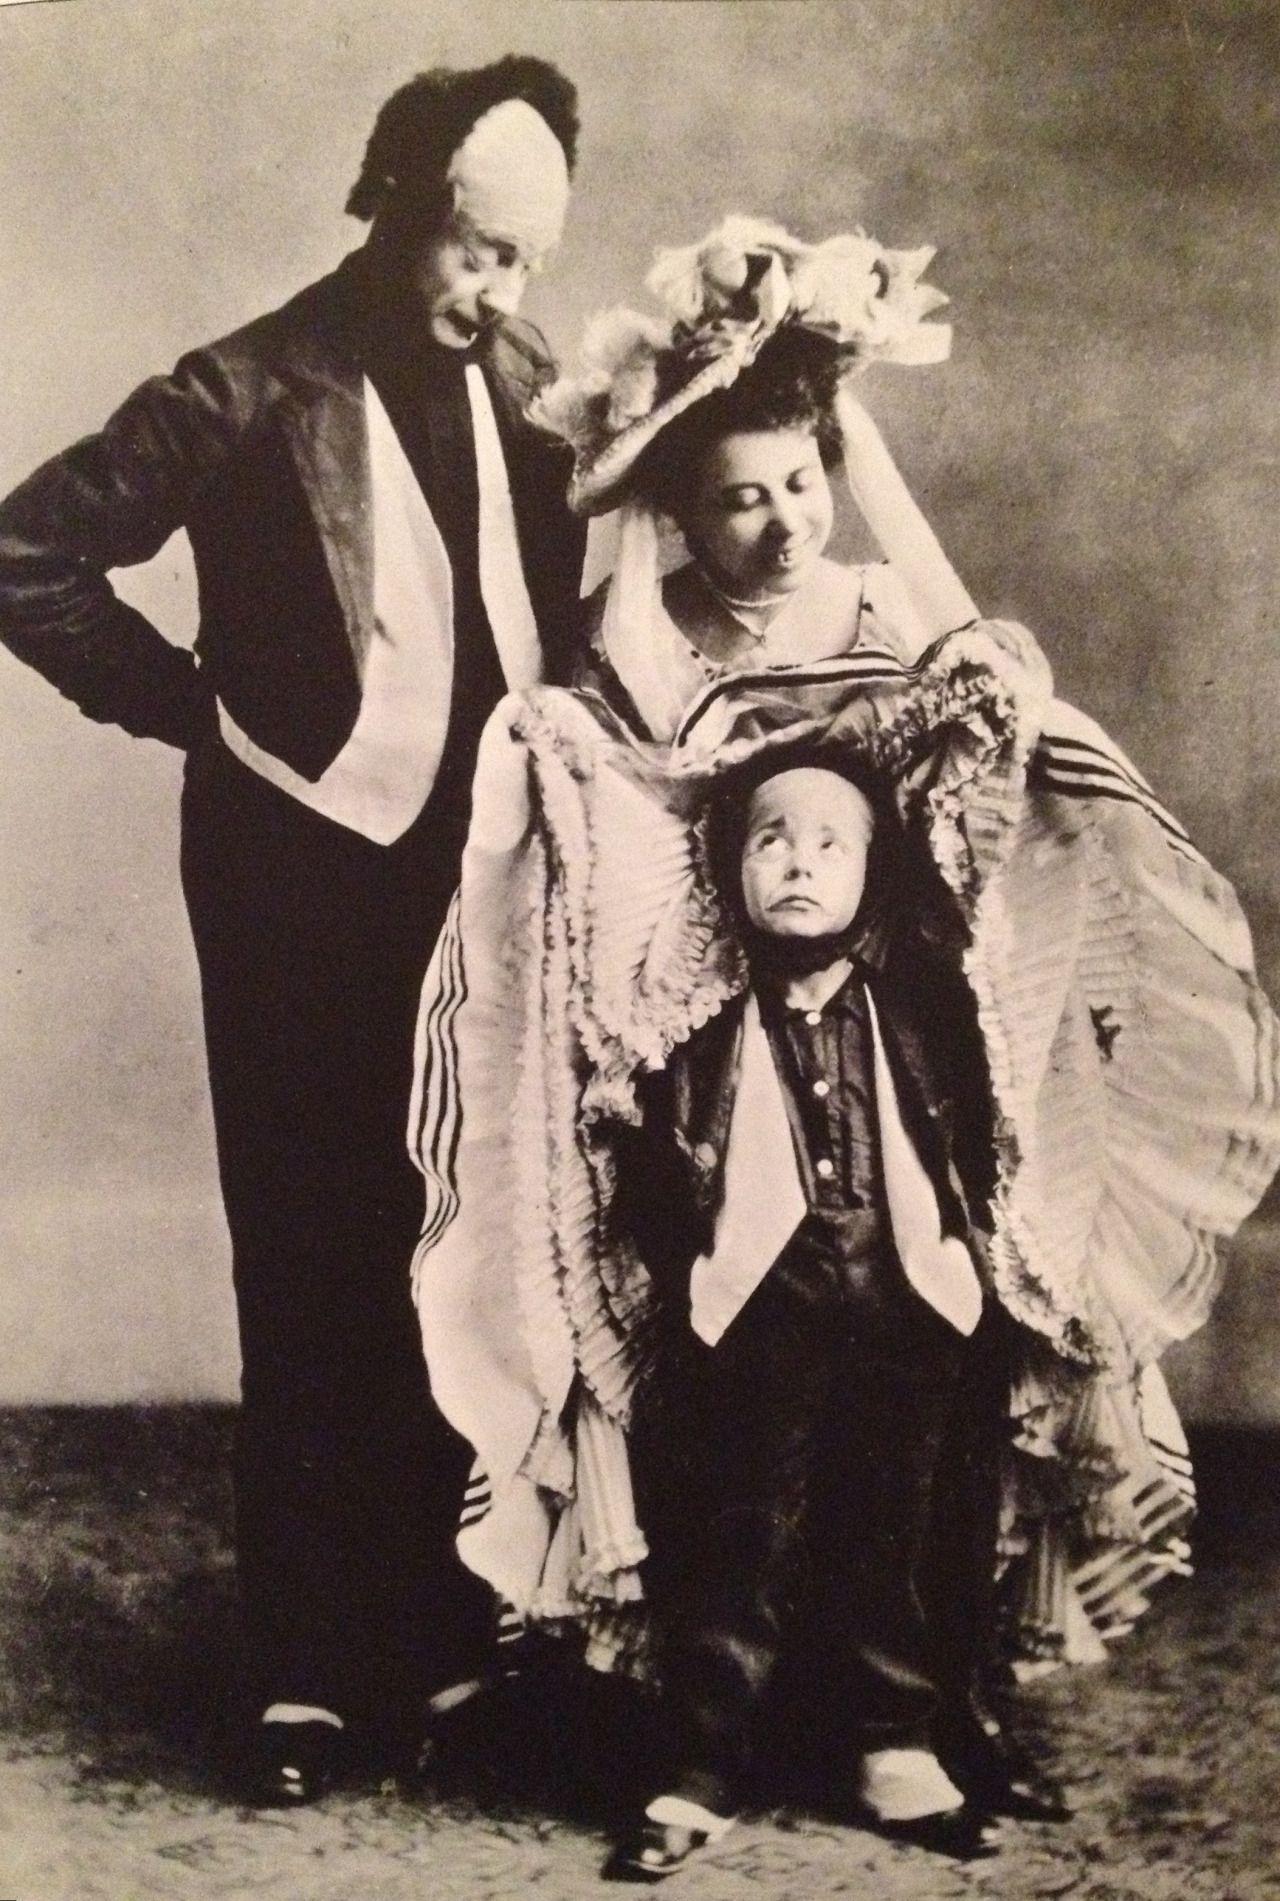 Pin On Buster Keaton